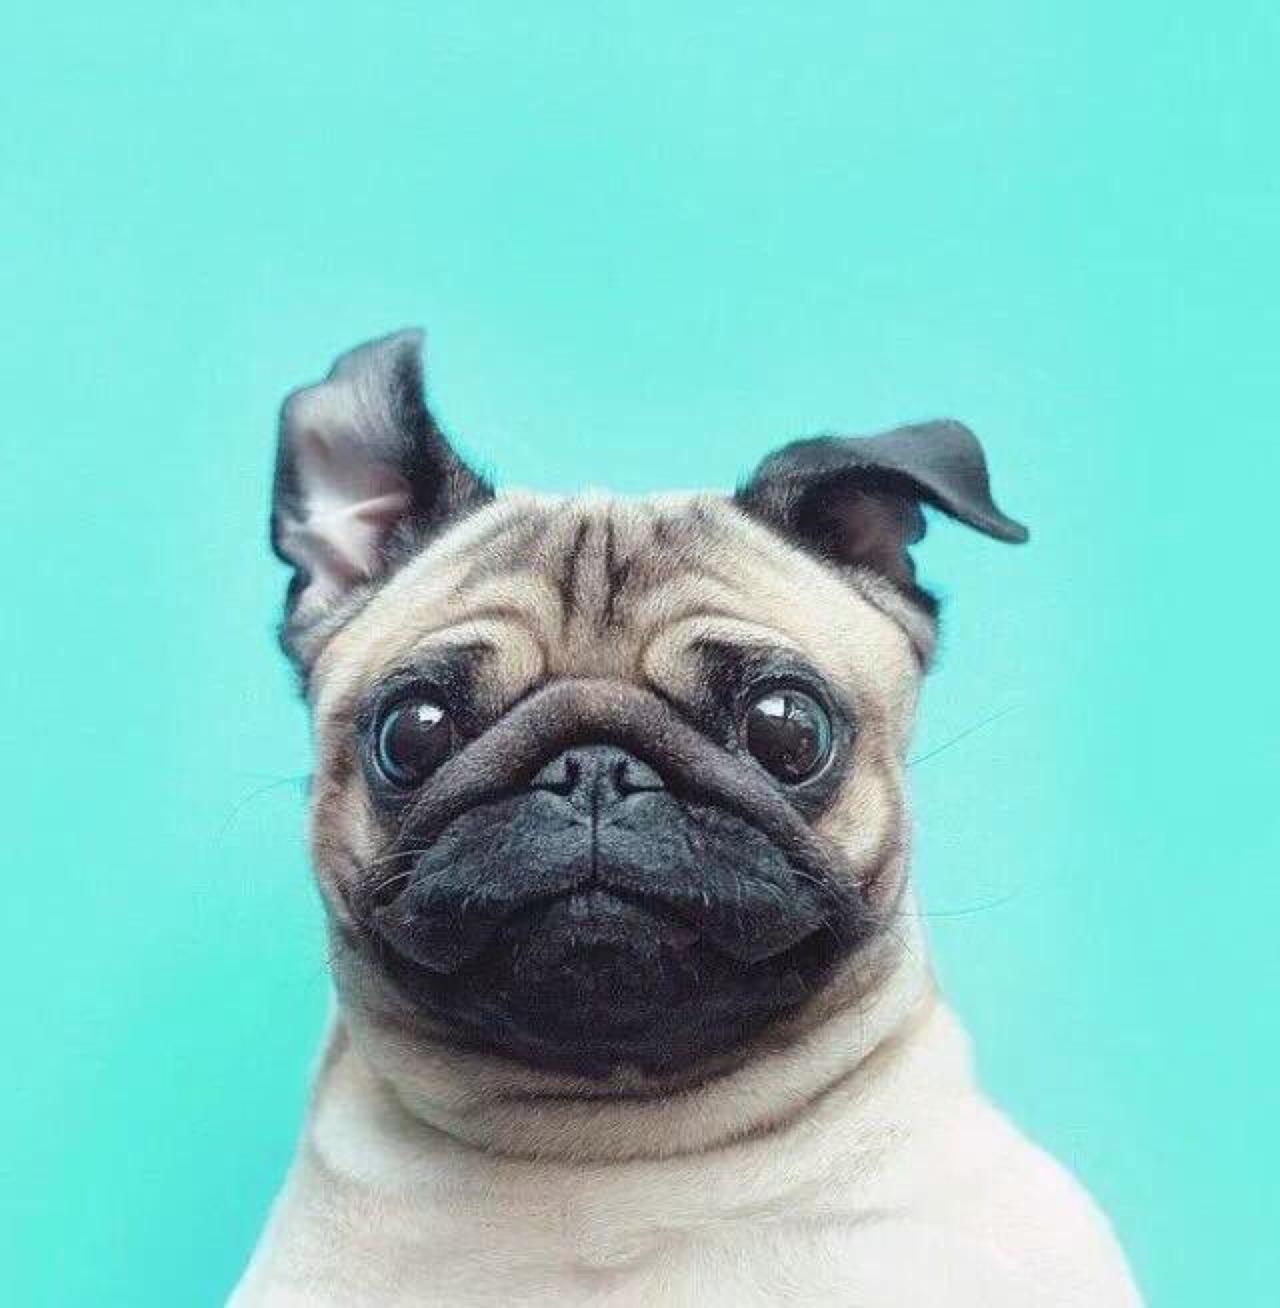 狗狗也照二寸照,动物狗狗宠物